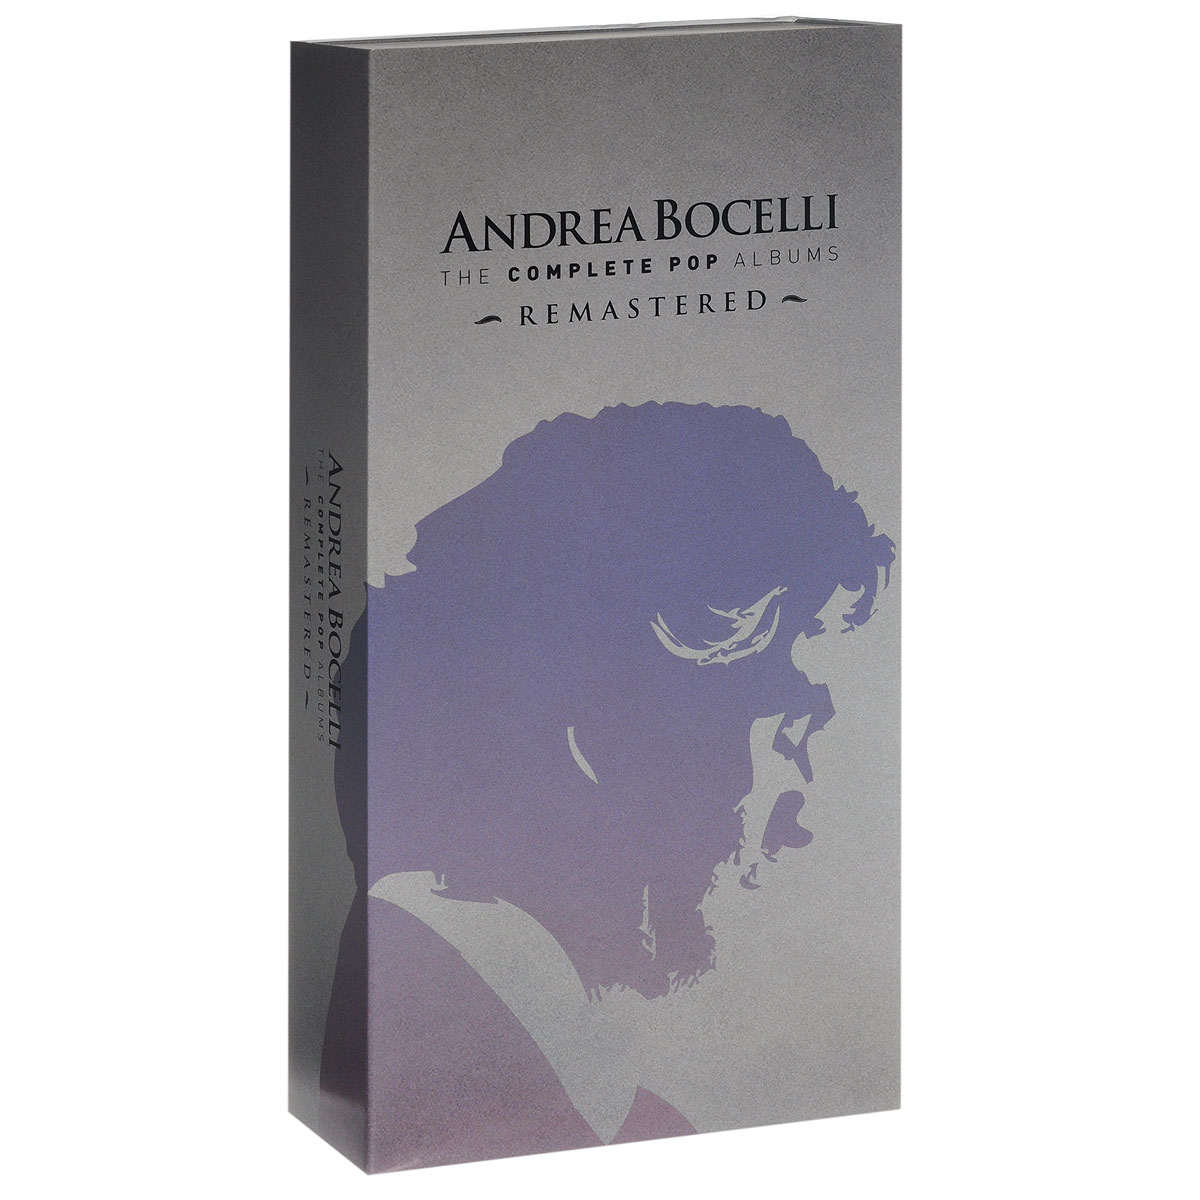 Андреа Бочелли Andrea Bocelli. The Complete Pop Albums (16 CD) андреа бочелли andrea bocelli the complete pop albums 16 cd